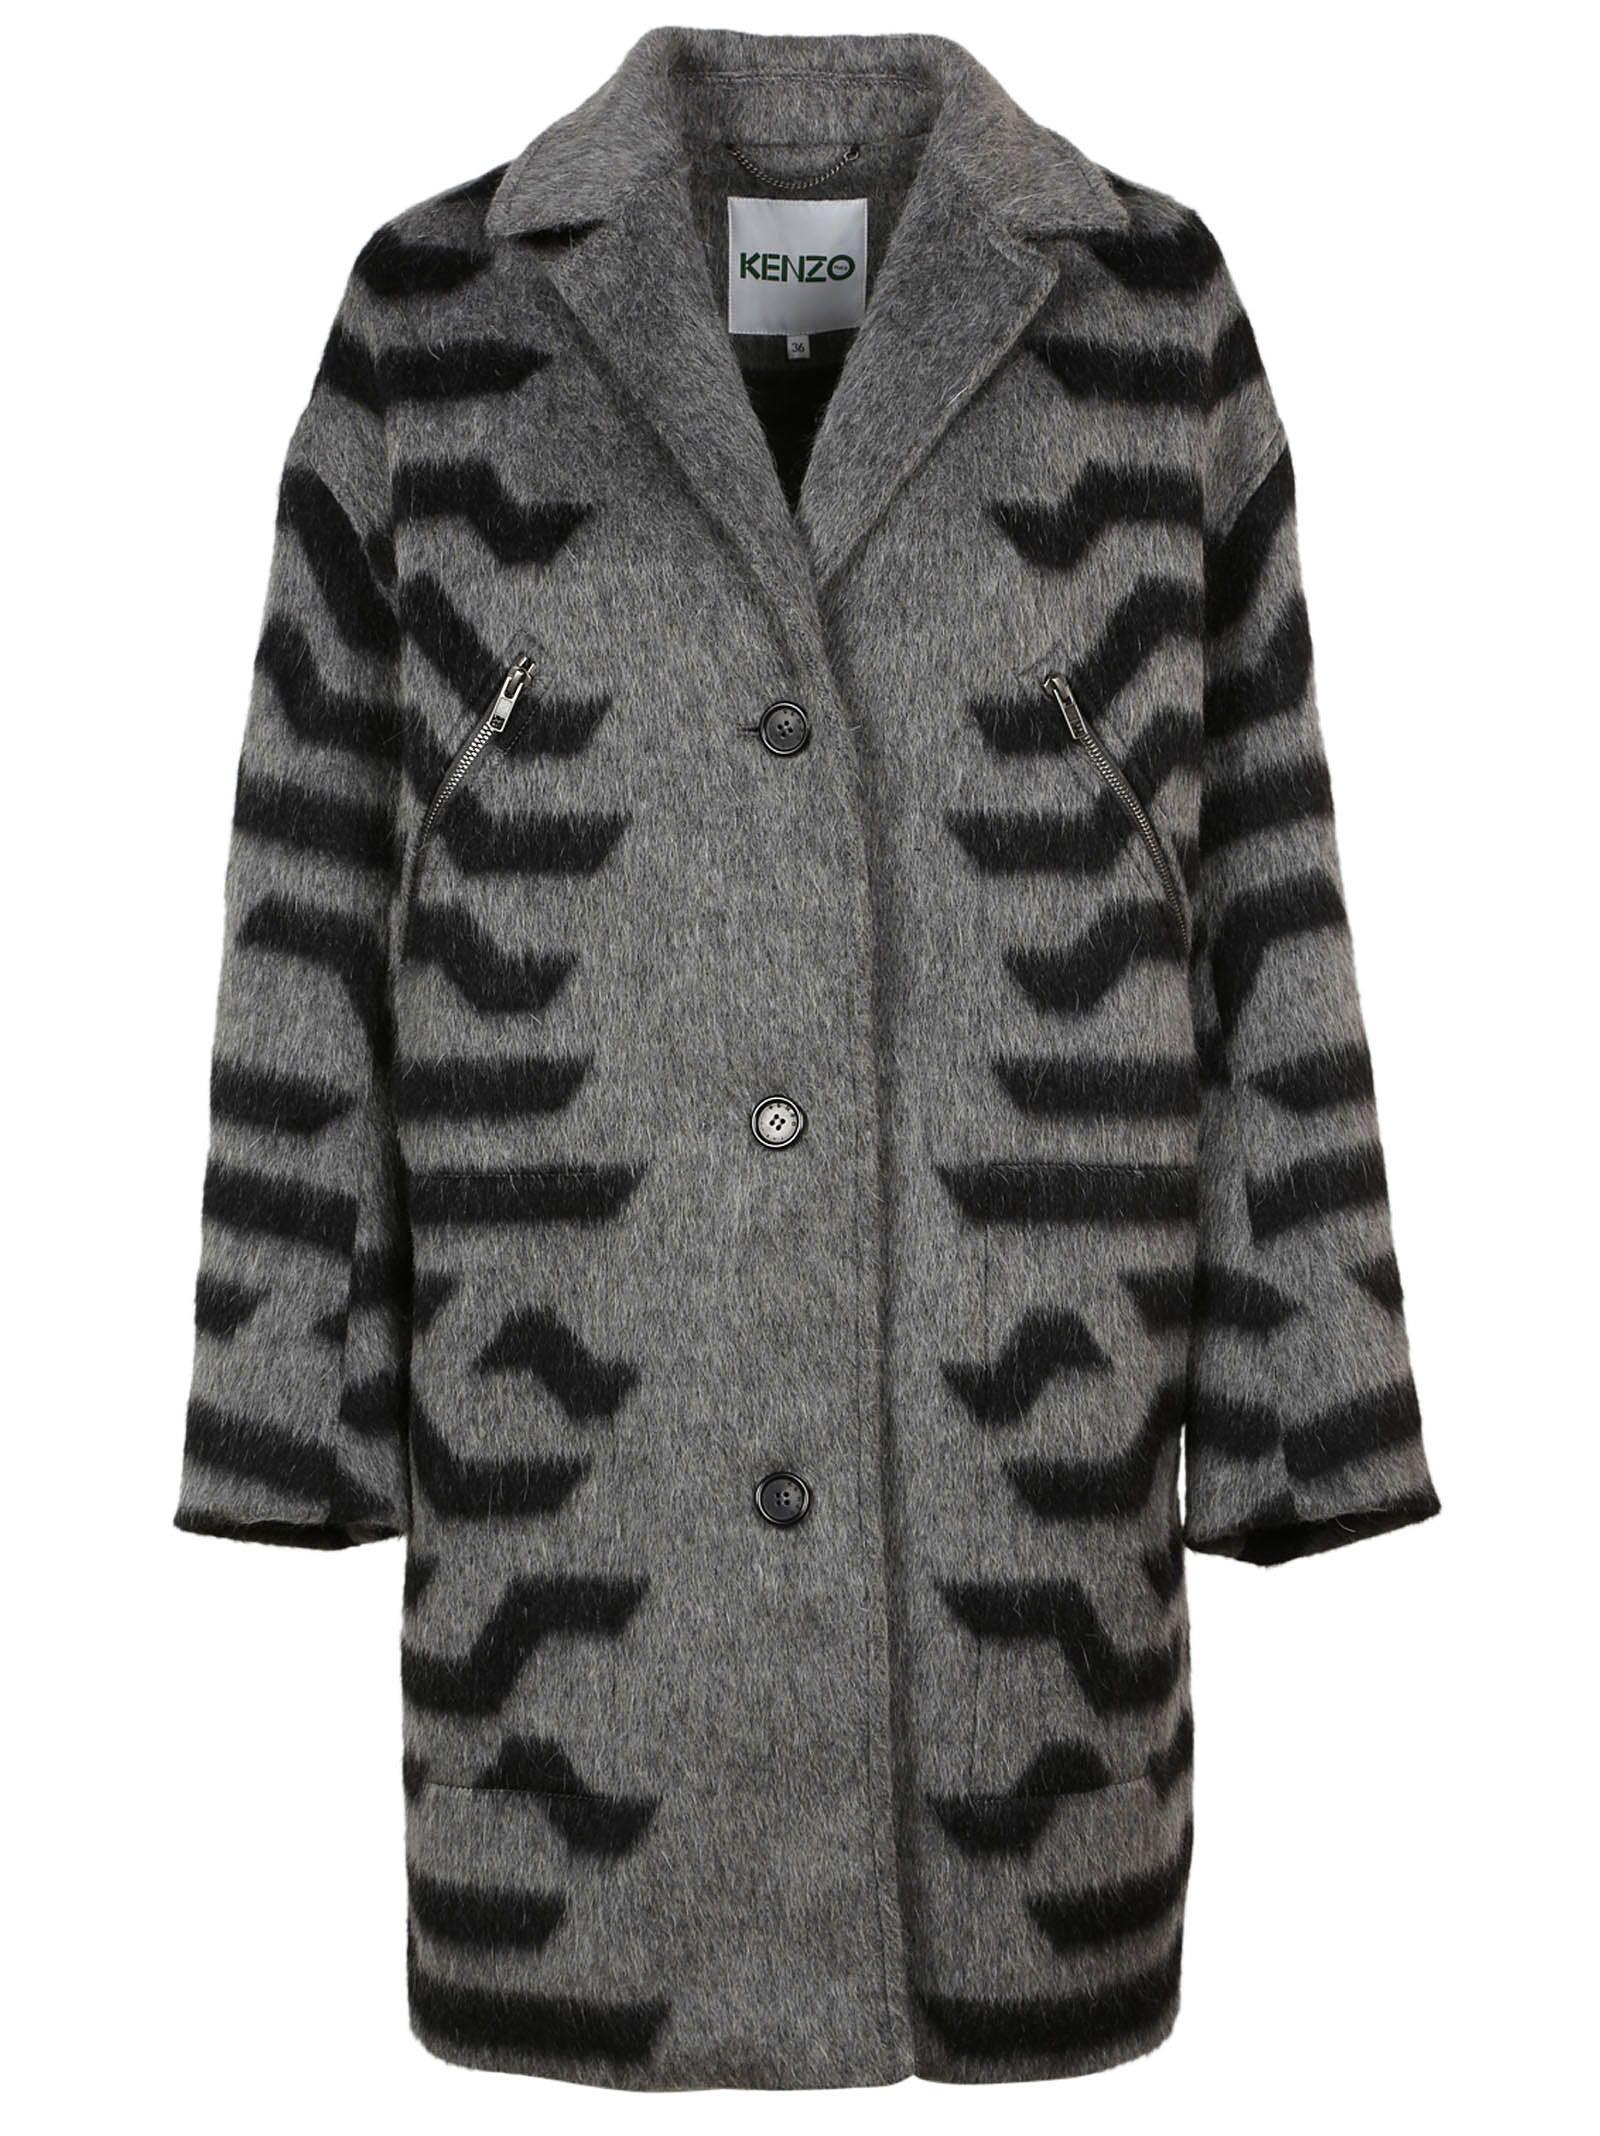 Kenzo Stripped Coat